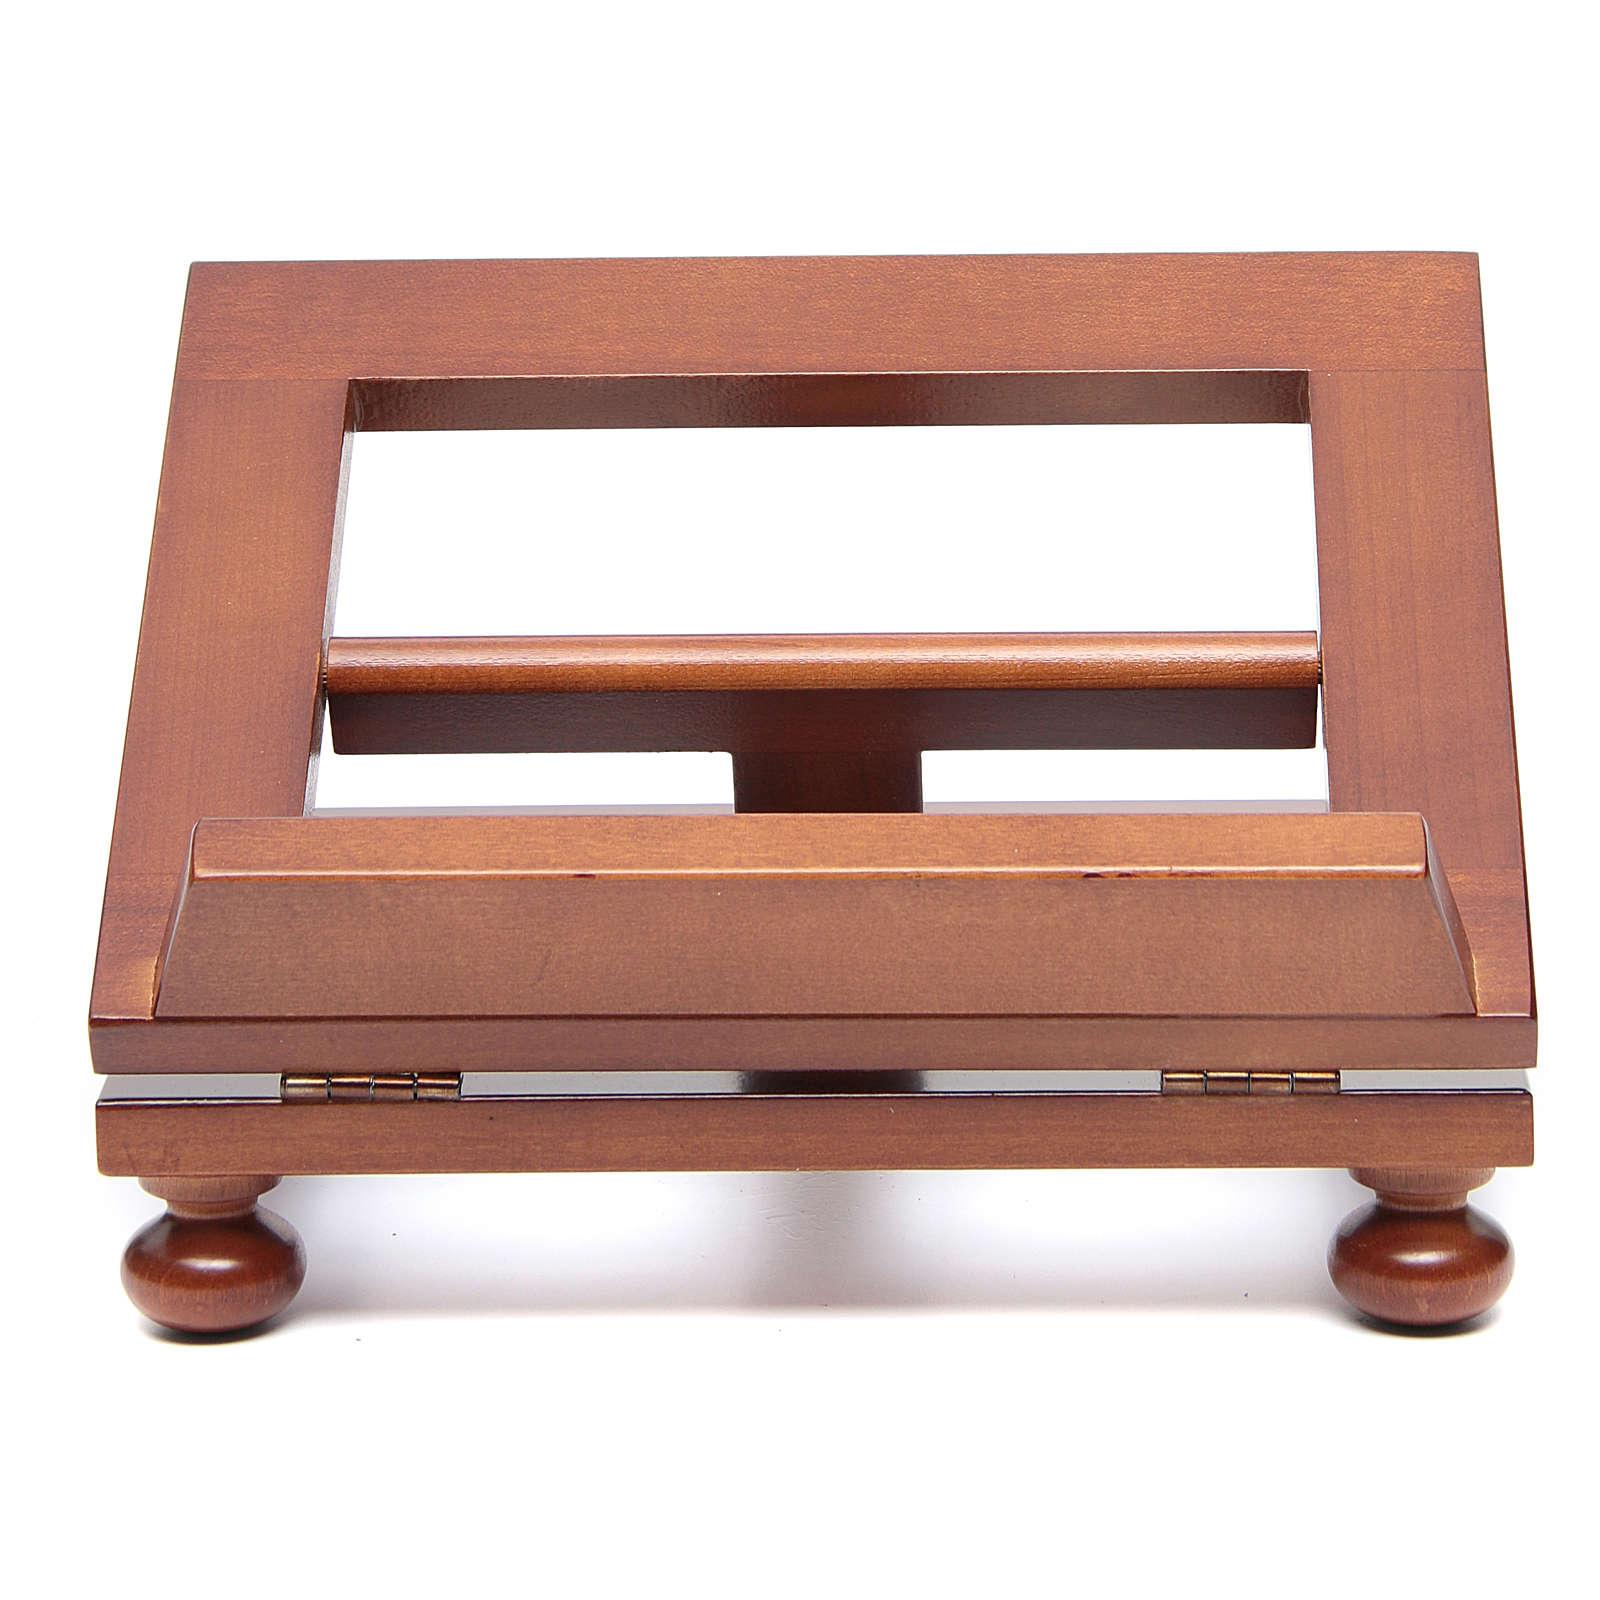 Leggio da tavolo legno noce 25x20 cm 4